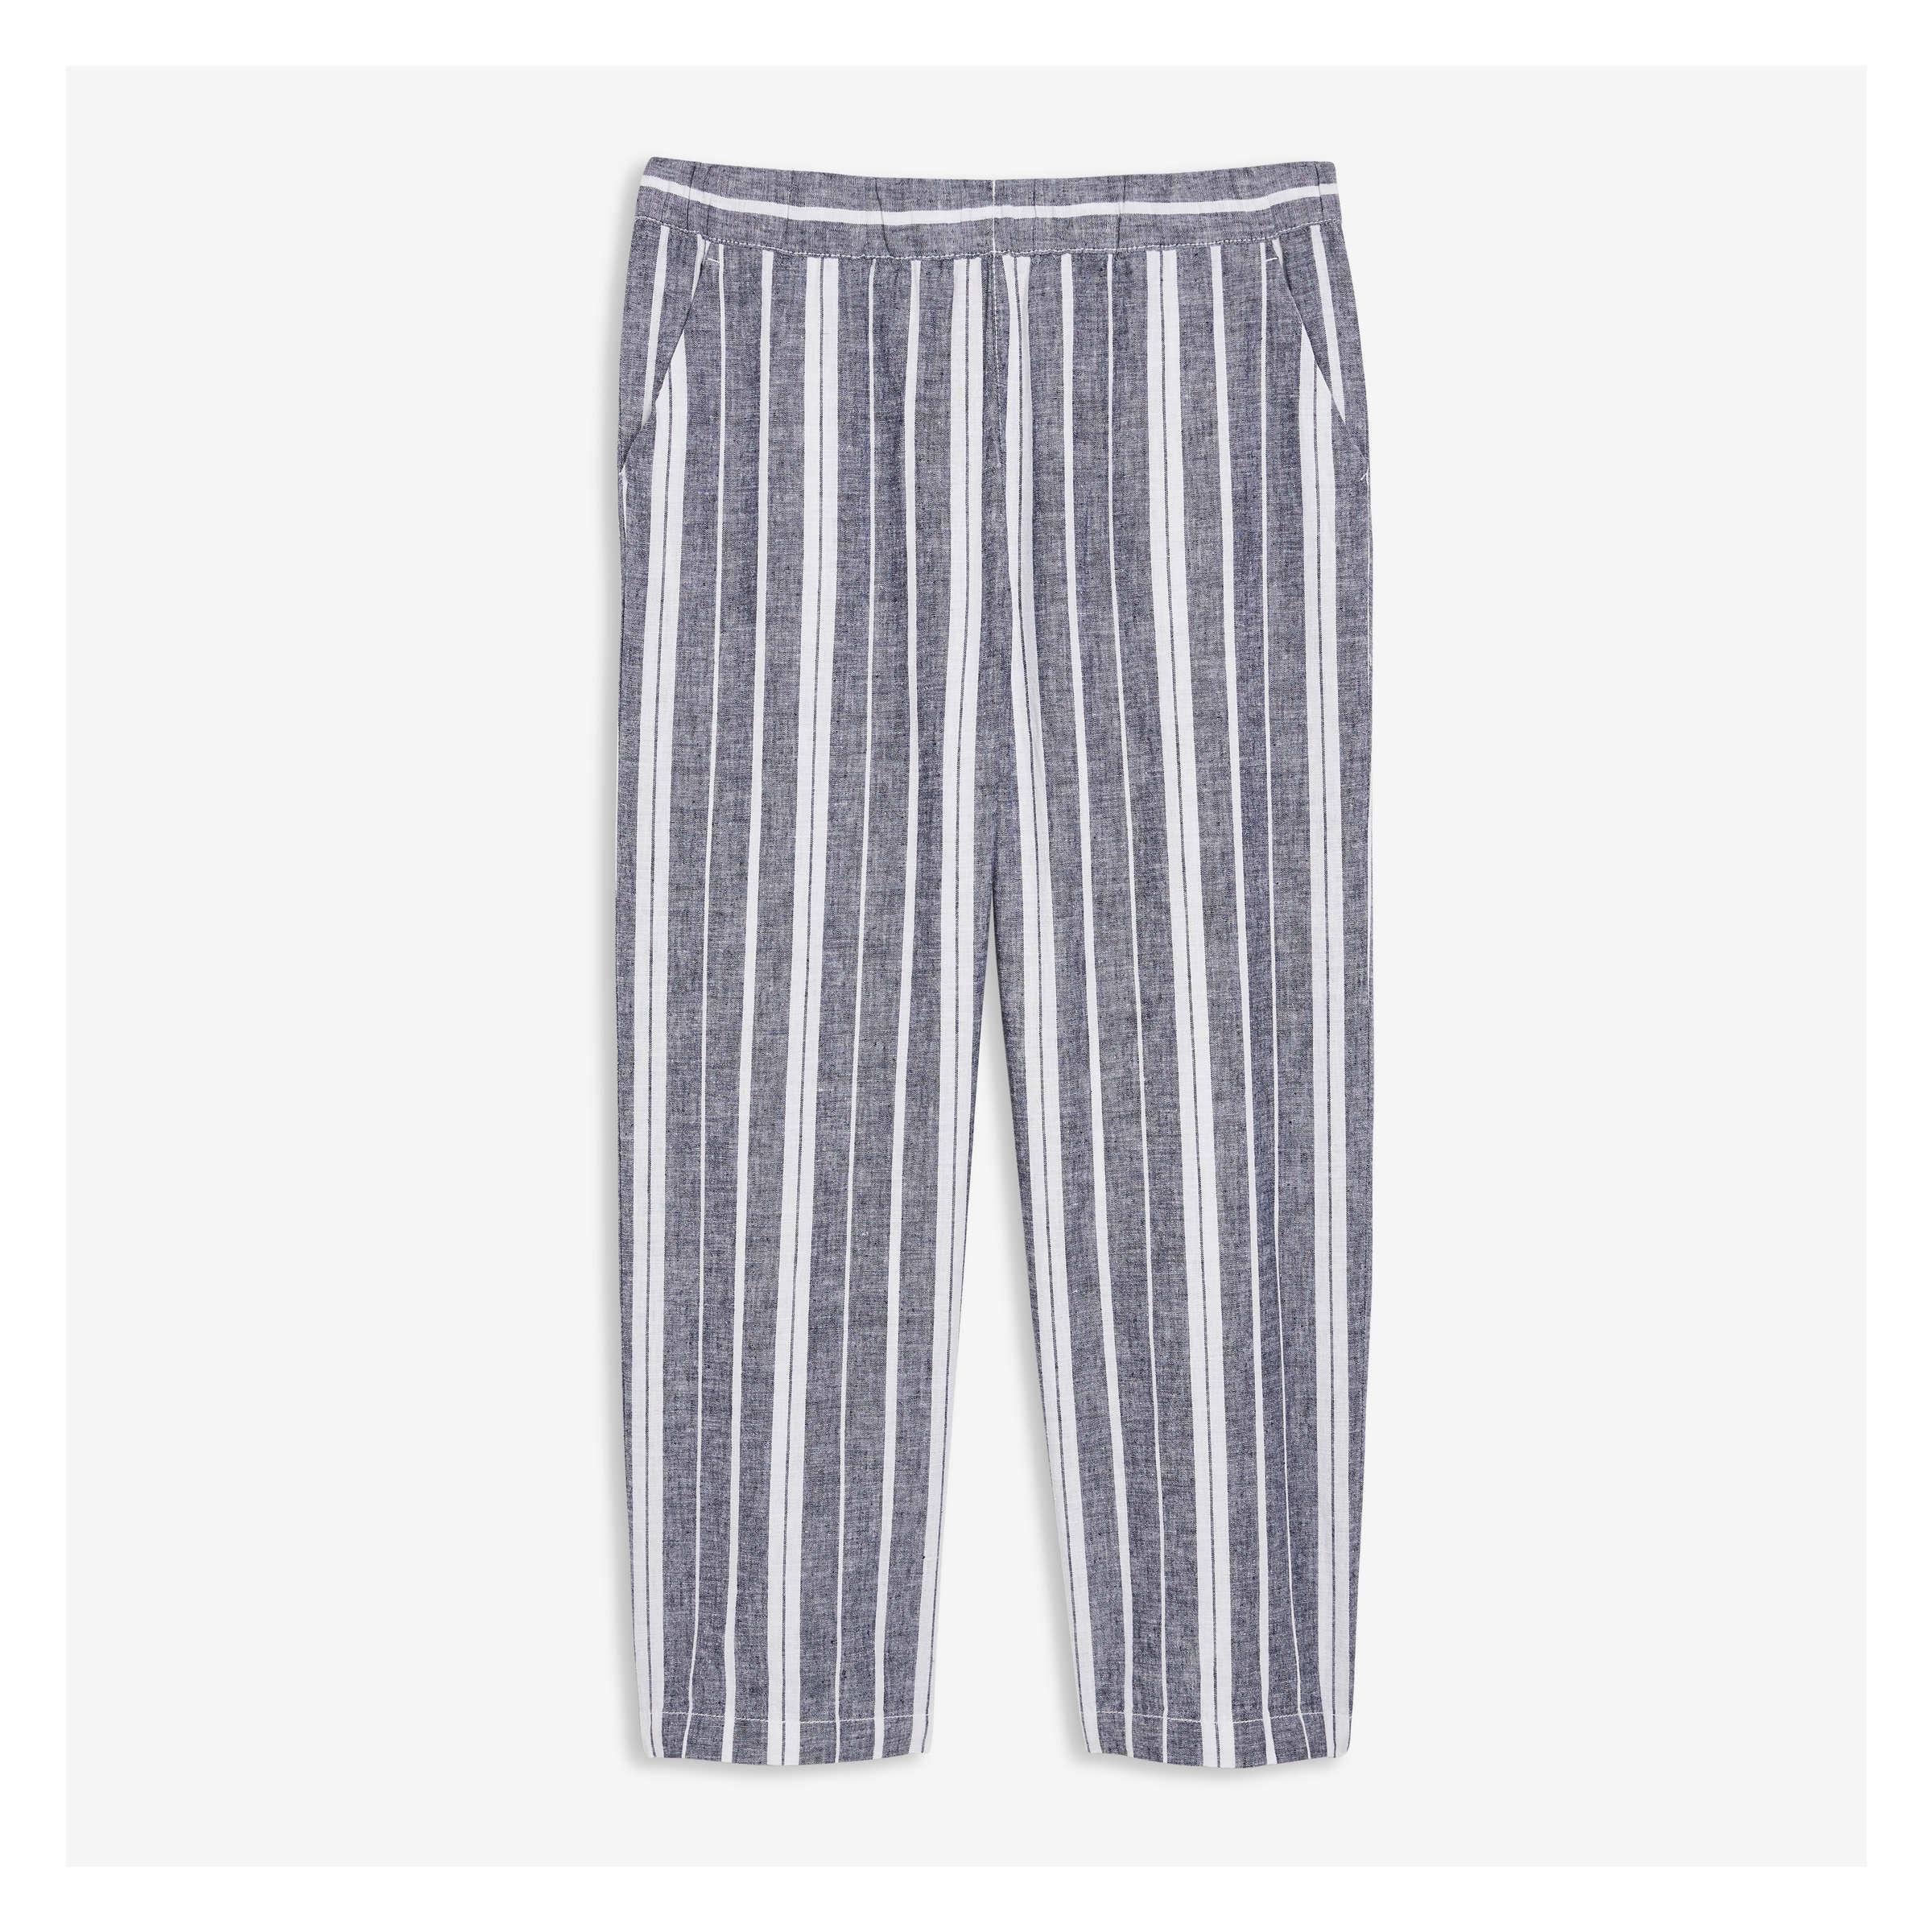 5eb86c3acc Linen Blend Stripe Crop Wide Leg Pants in Light Navy from Joe Fresh